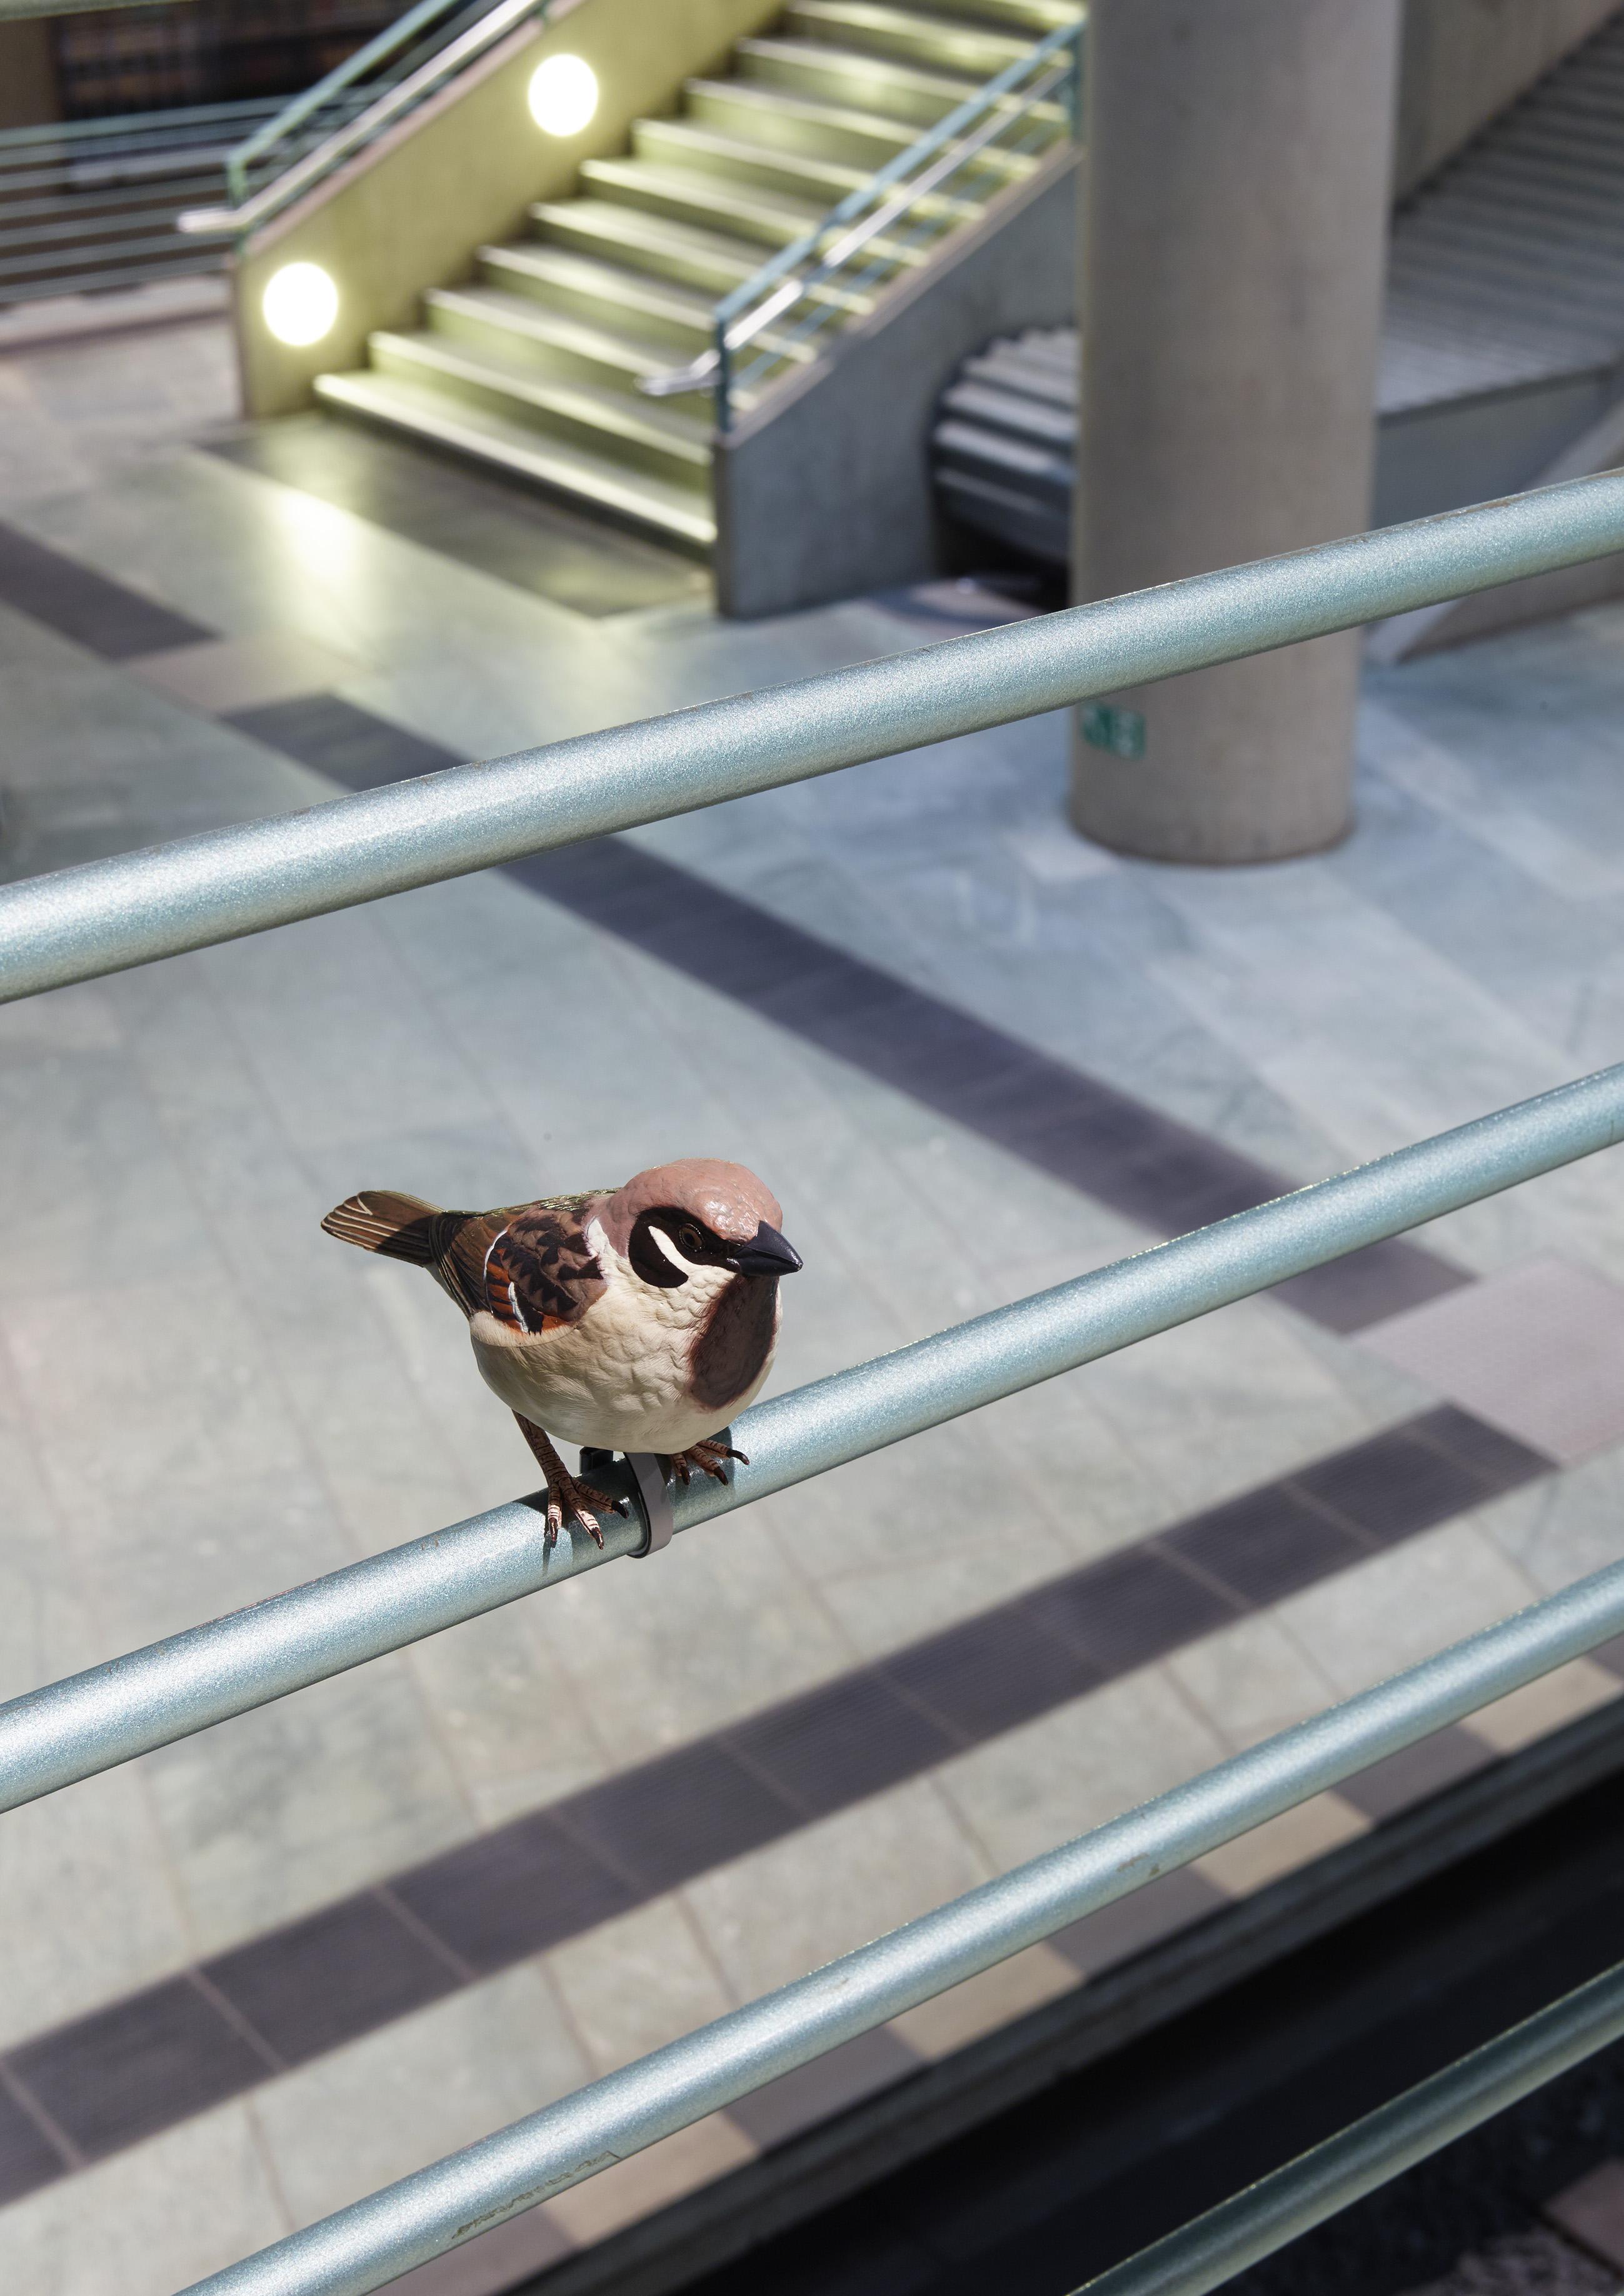 U-Bahnhof Bundestag_Momentum_Mio Chareteau_Foto Michel Bonvin